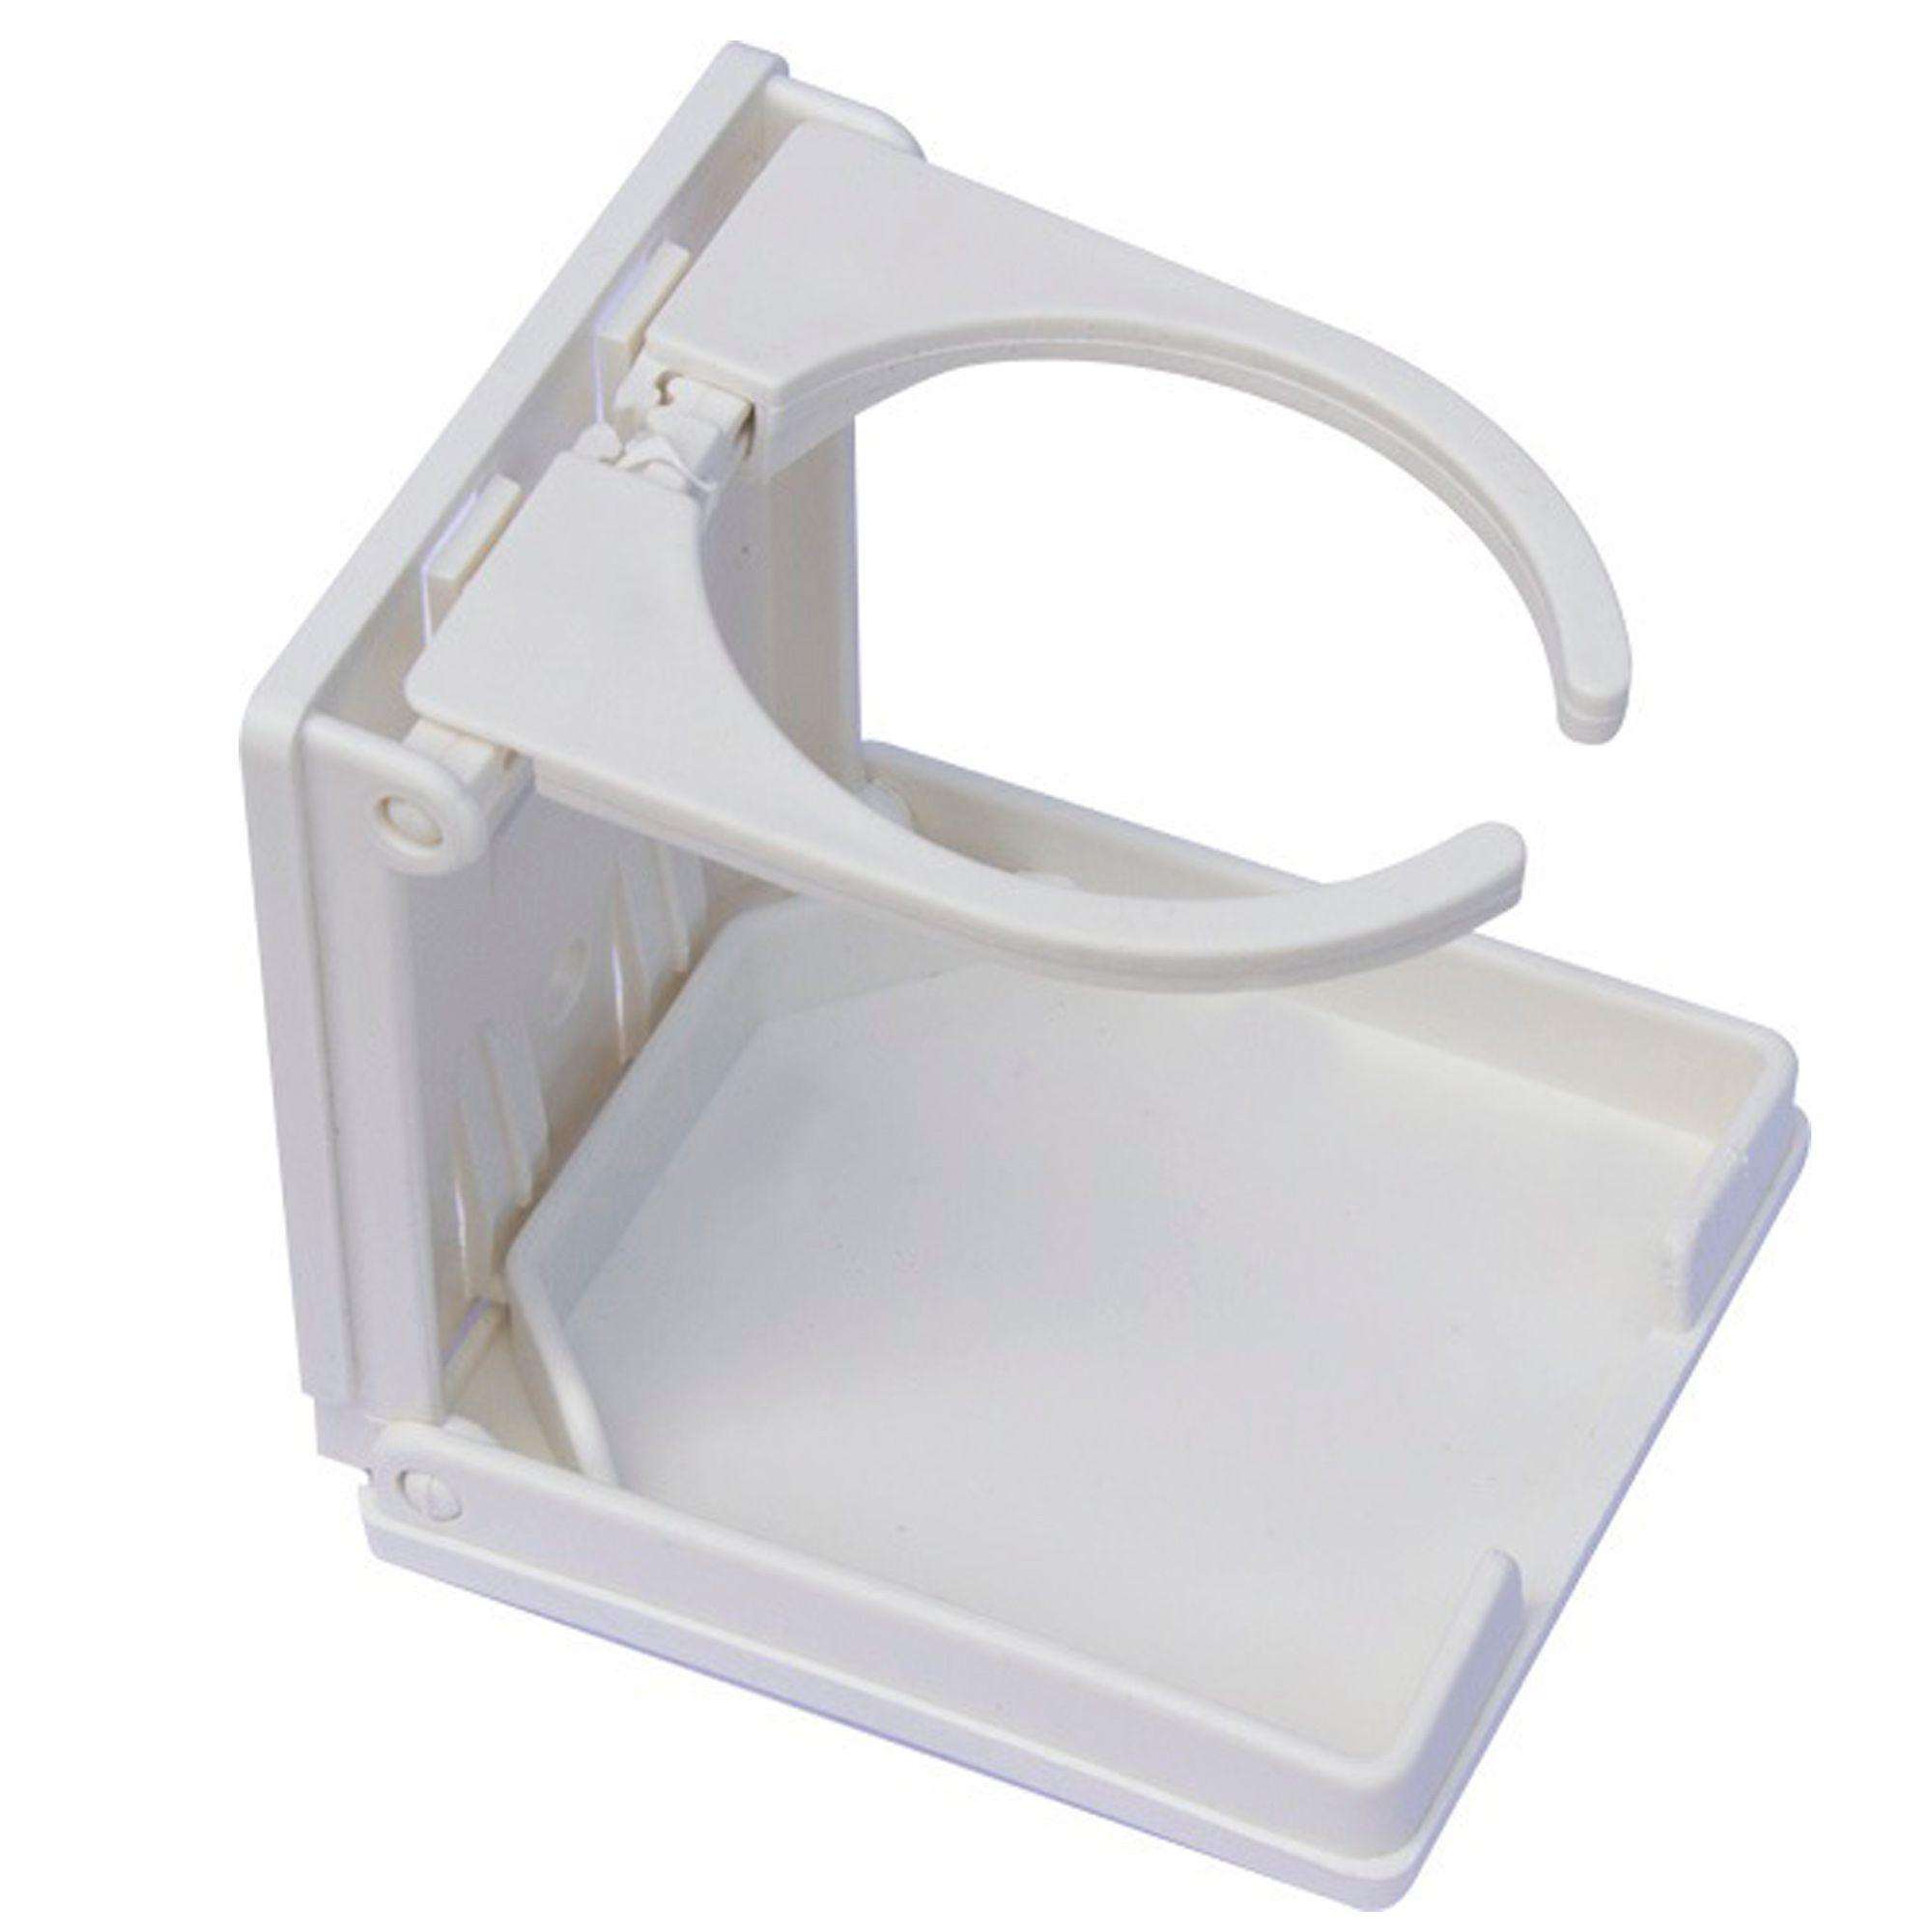 Porta Copo Dobrável Branco